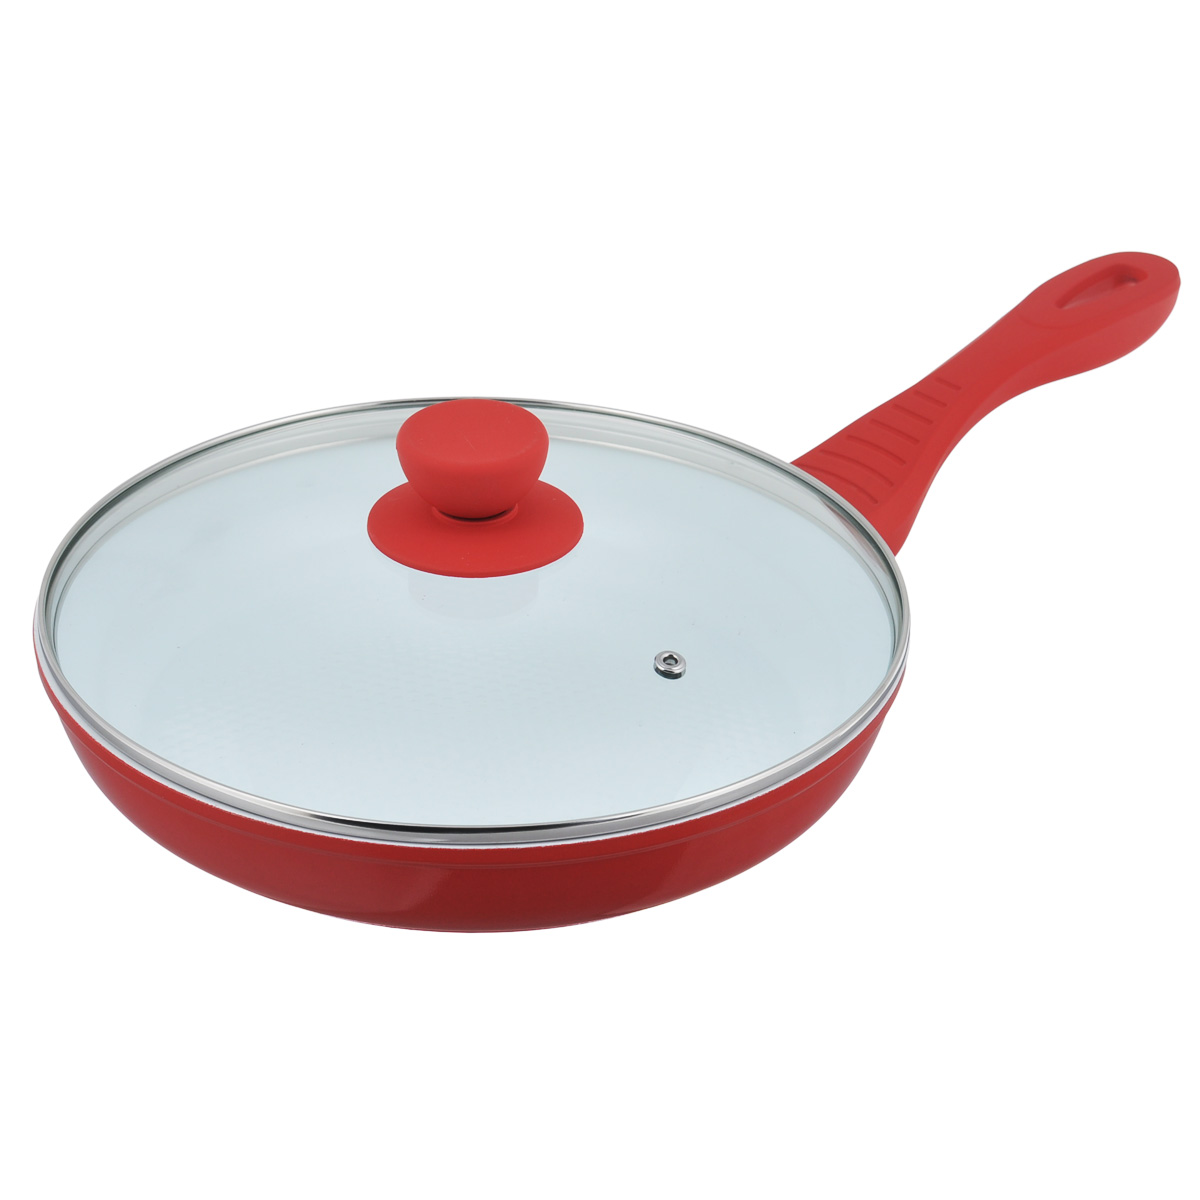 Сковорода Bohmann с крышкой, с керамическим покрытием, цвет: красный. Диаметр 26 см. 7026BH7026BHСковорода Bohmann изготовлена из литого алюминия с антипригарным керамическим покрытием белого цвета. Внешнее покрытие - жаростойкий лак, который сохраняет цвет долгое время. Благодаря керамическому покрытию пища не пригорает и не прилипает к поверхности сковороды, что позволяет готовить с минимальным количеством масла. Кроме того, такое покрытие абсолютно безопасно для здоровья человека, так как не содержит вредной примеси PFOA. Рифленая внутренняя поверхность сковороды обеспечивает быстрое и легкое приготовление. Достоинства керамического покрытия: - устойчивость к высоким температурам и резким перепадам температур, - устойчивость к царапающим кухонным принадлежностям и абразивным моющим средствам, - устойчивость к коррозии, - водоотталкивающий эффект, - покрытие способствует испарению воды во время готовки, - длительный срок службы, - безопасность для окружающей среды и человека. Сковорода быстро разогревается, распределяя тепло по всей поверхности, что позволяет готовить в энергосберегающем режиме, значительно сокращая время, проведенное у плиты. Сковорода оснащена удобной ручкой, выполненной из бакелита с термостойким силиконовым покрытием. Такая ручка не нагревается в процессе готовки и обеспечивает надежный хват. Крышка изготовлена из жаропрочного стекла, оснащена ручкой, отверстием для выпуска пара и металлическим ободом. Благодаря такой крышке можно следить за приготовлением пищи без потери тепла. Подходит для всех типов плит, в том числе для индукционных. Подходит для чистки в посудомоечной машине. Высота стенки: 5 см. Толщина стенки: 3,5 мм.Толщина дна: 5 мм.Длина ручки: 18,5 см.Диаметр диска: 17,5 см.